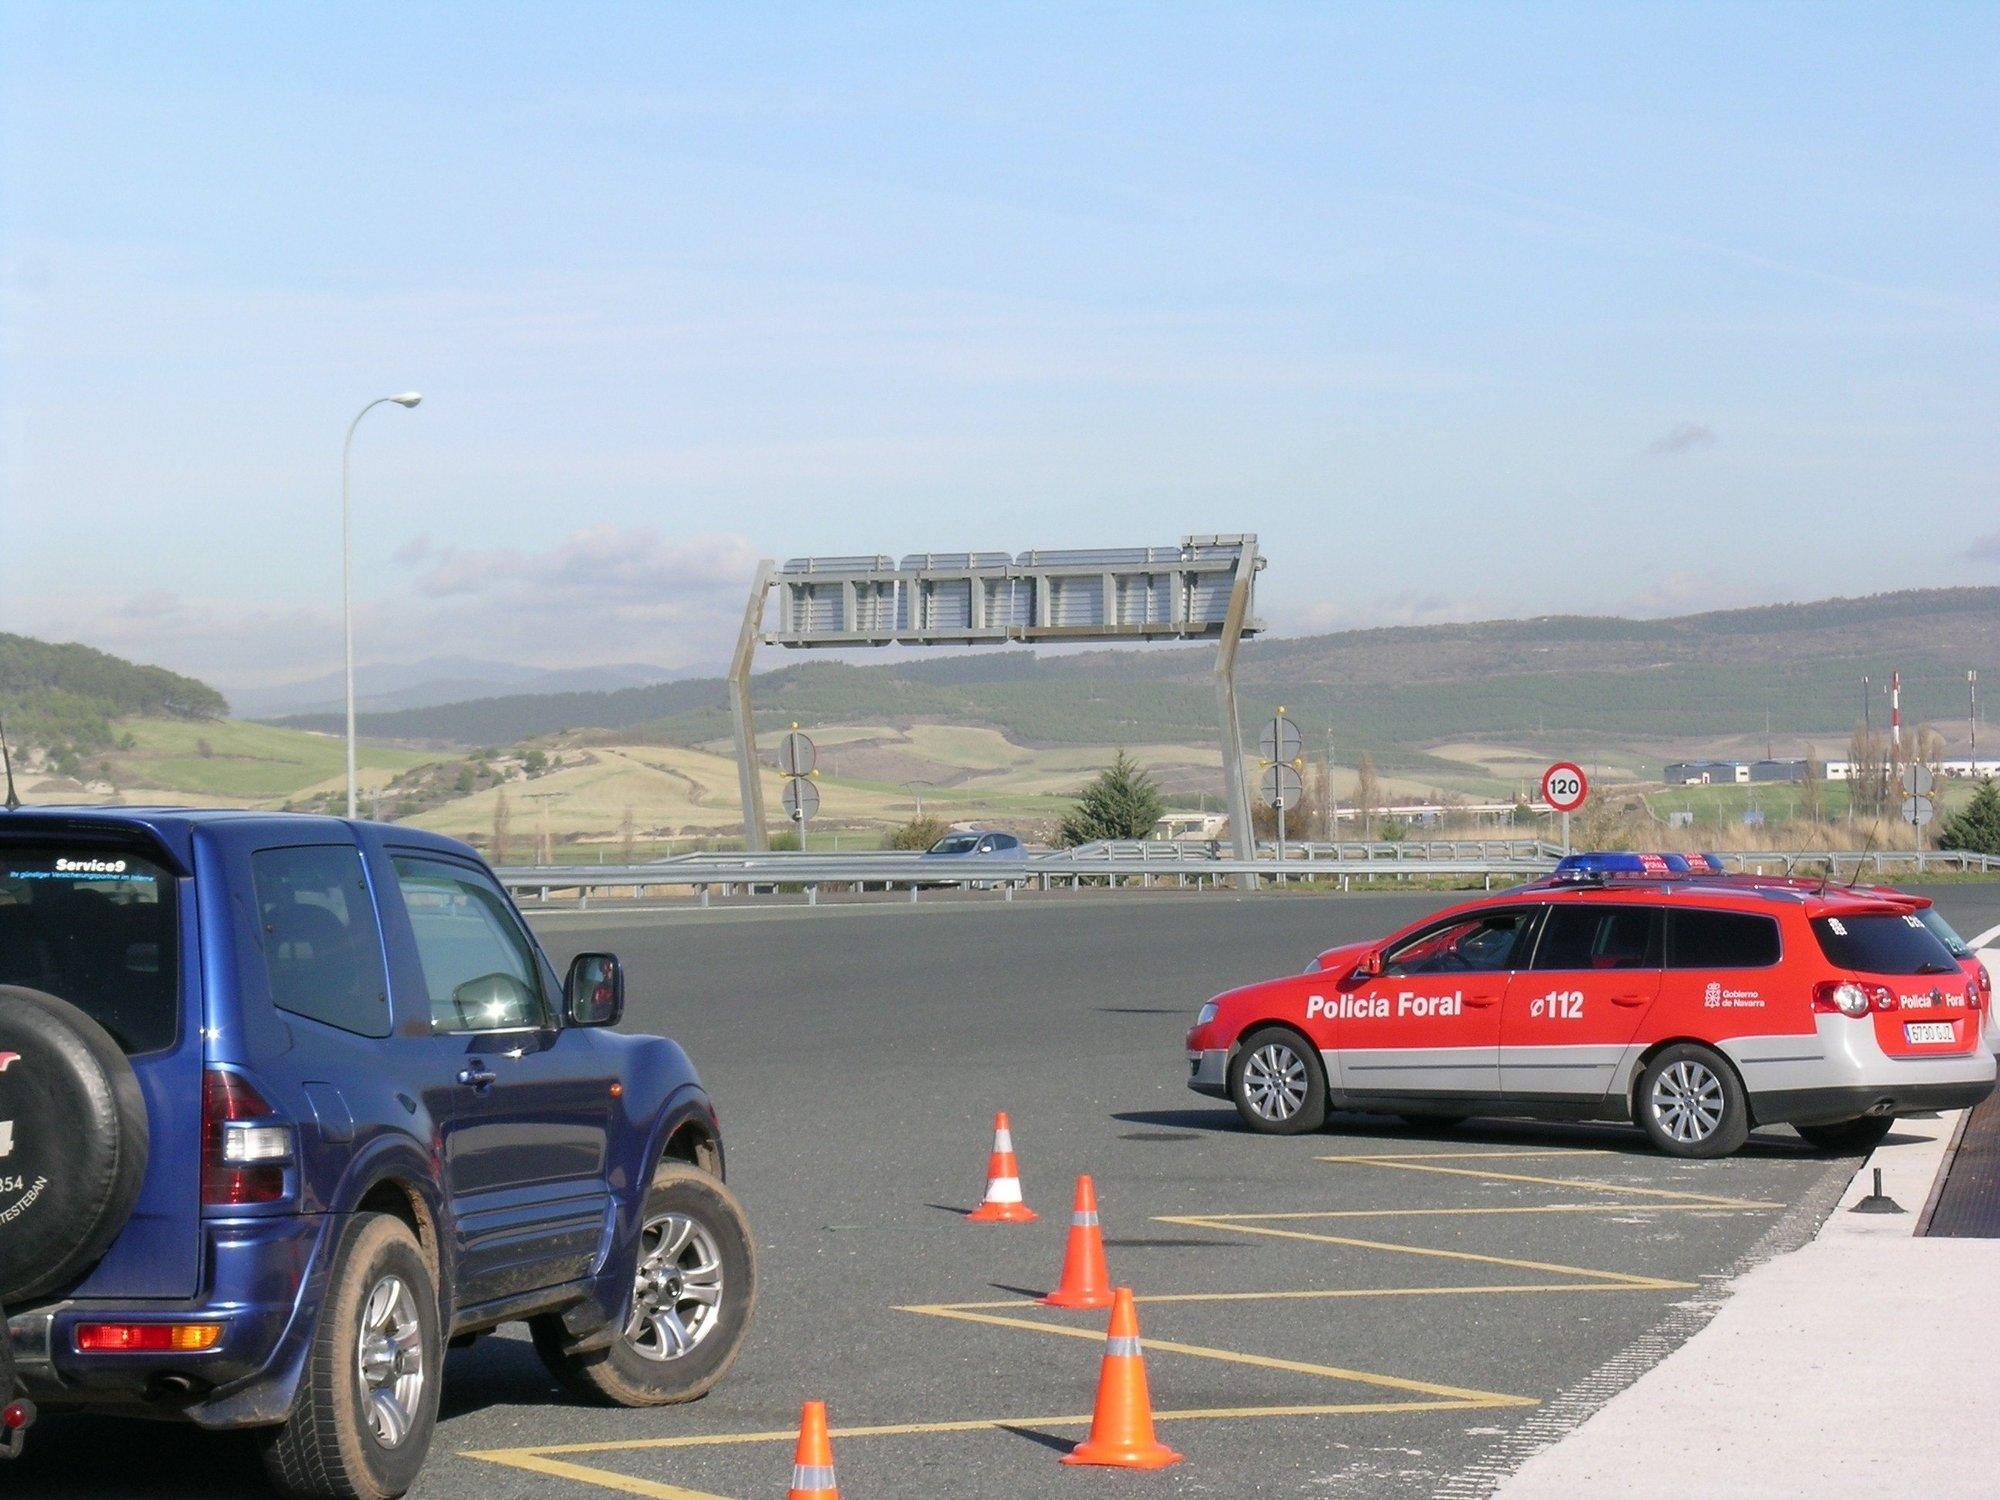 La Policía Foral realizará una campaña de vigilancia para evitar distracciones en la conducción